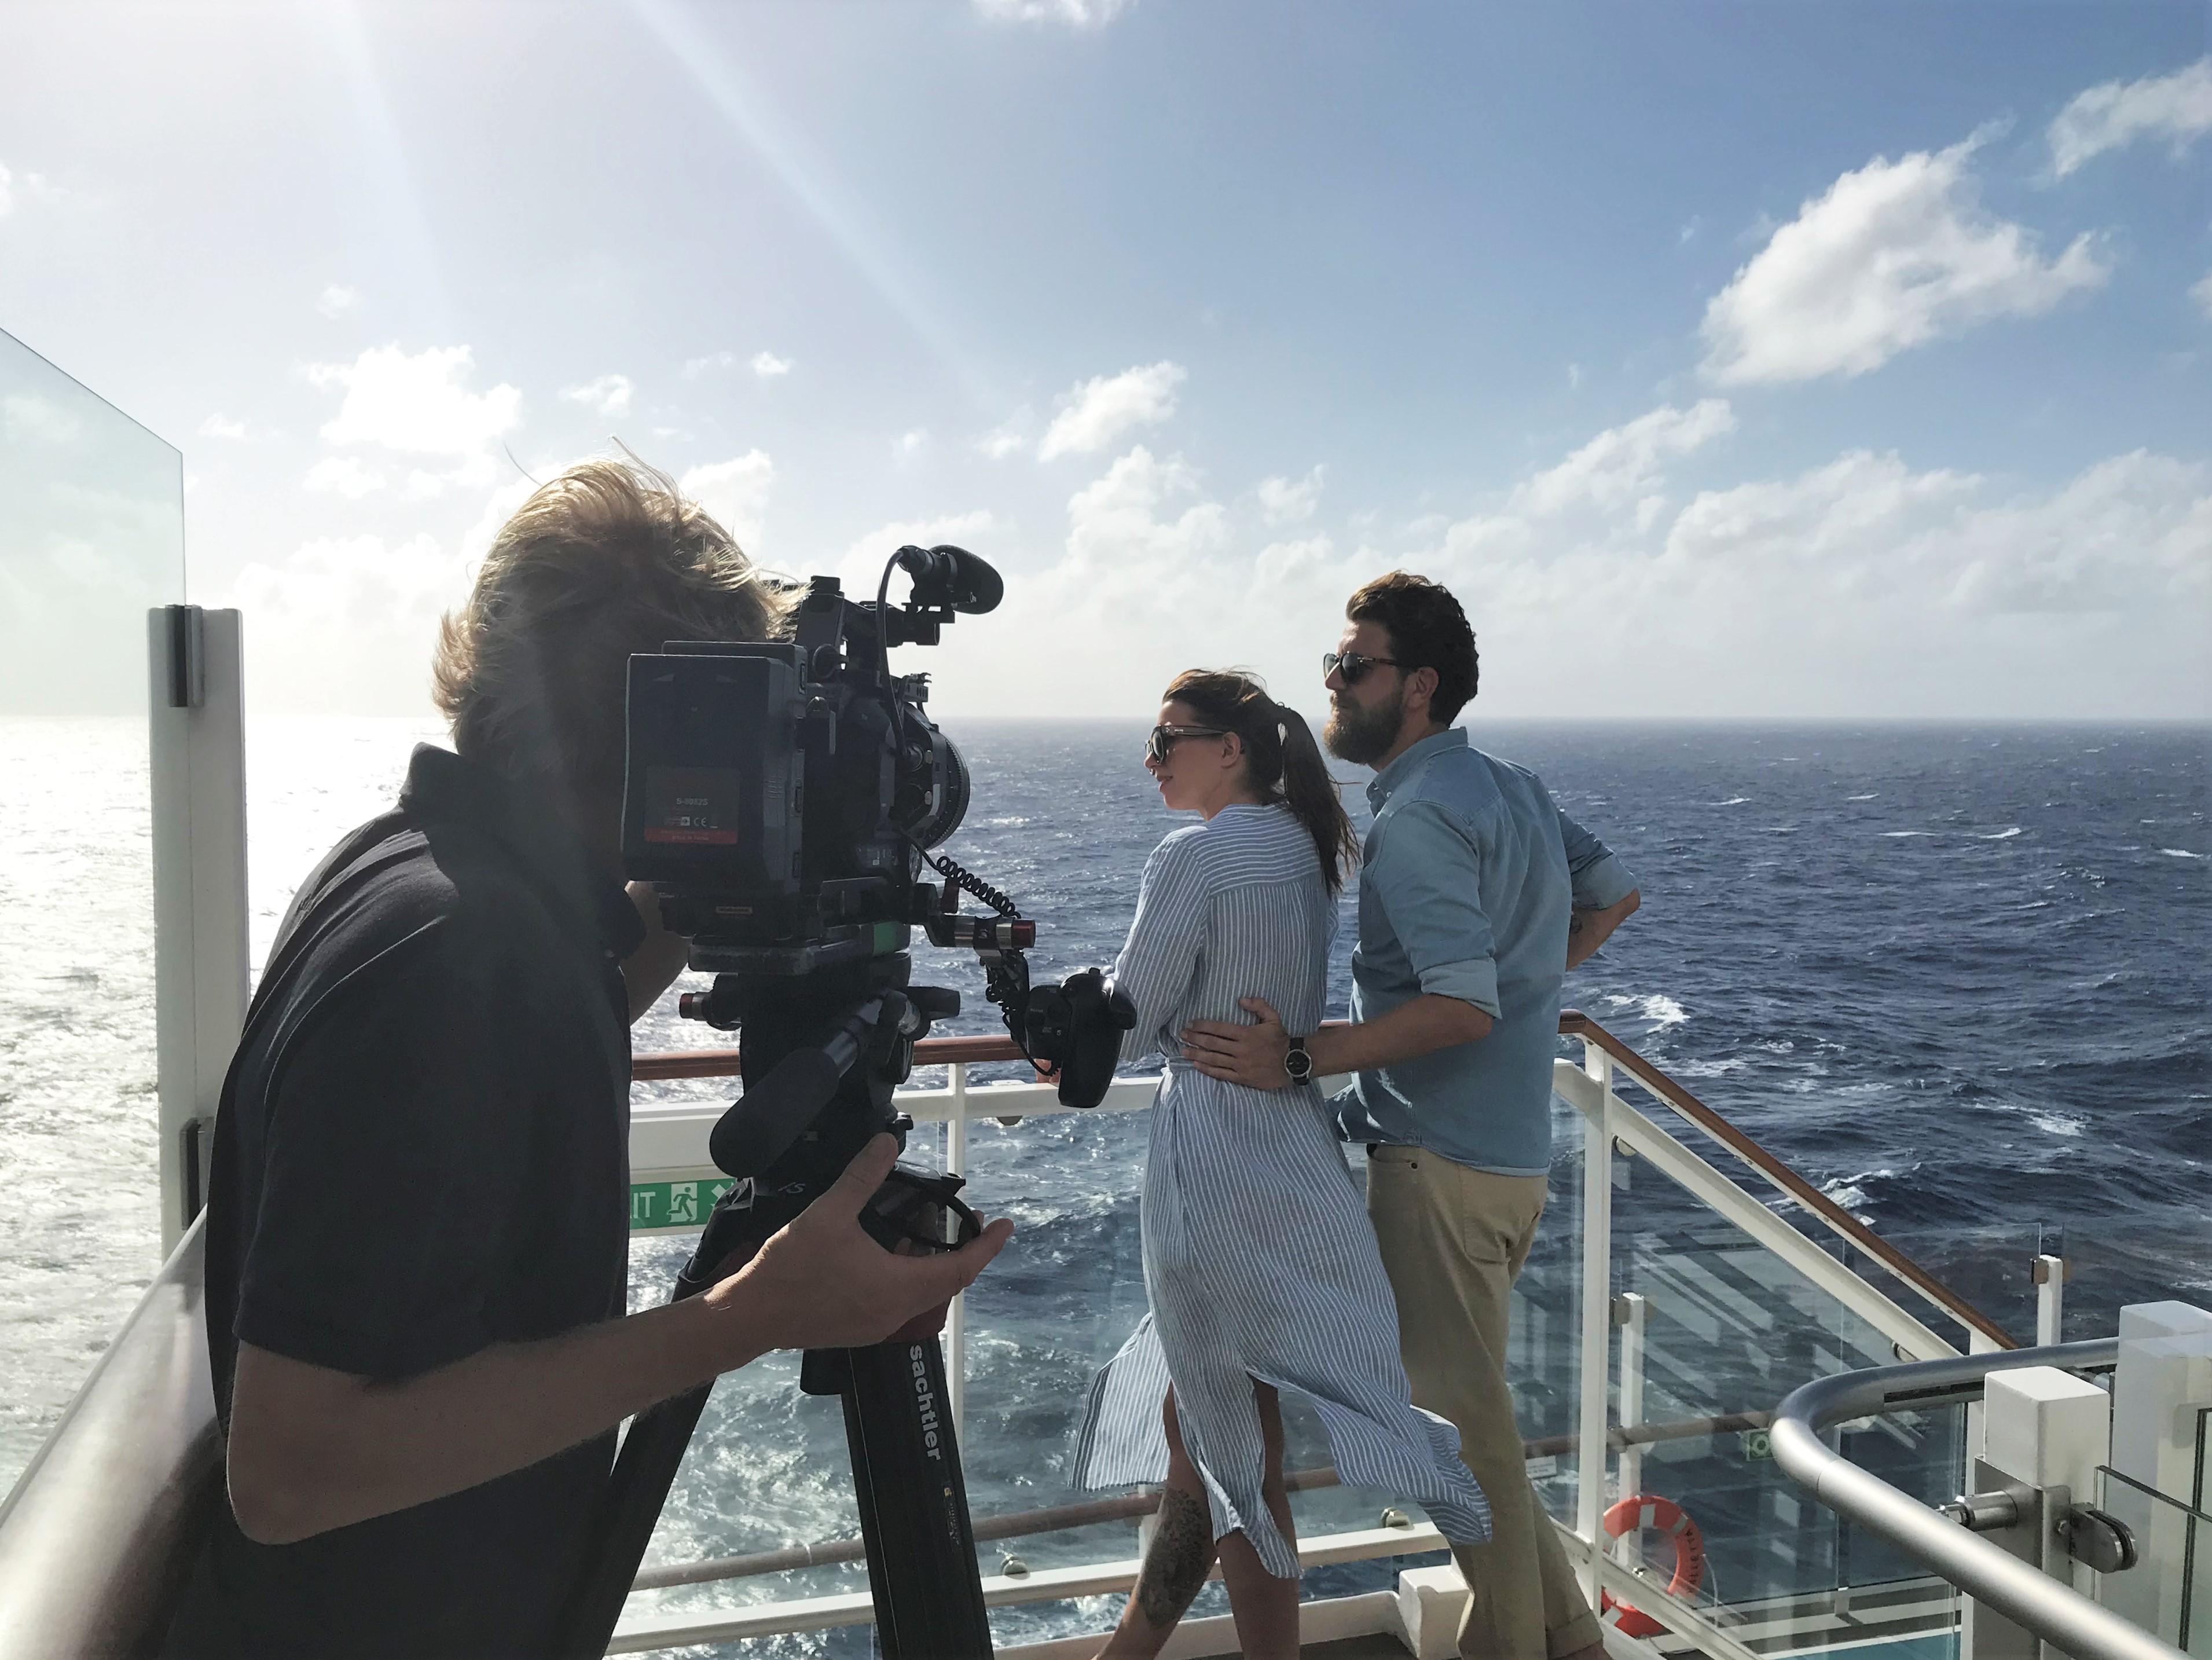 Fernweh im Programm: ServusTV begleitet Gäste auf ihrer ersten Kreuzfahrt.